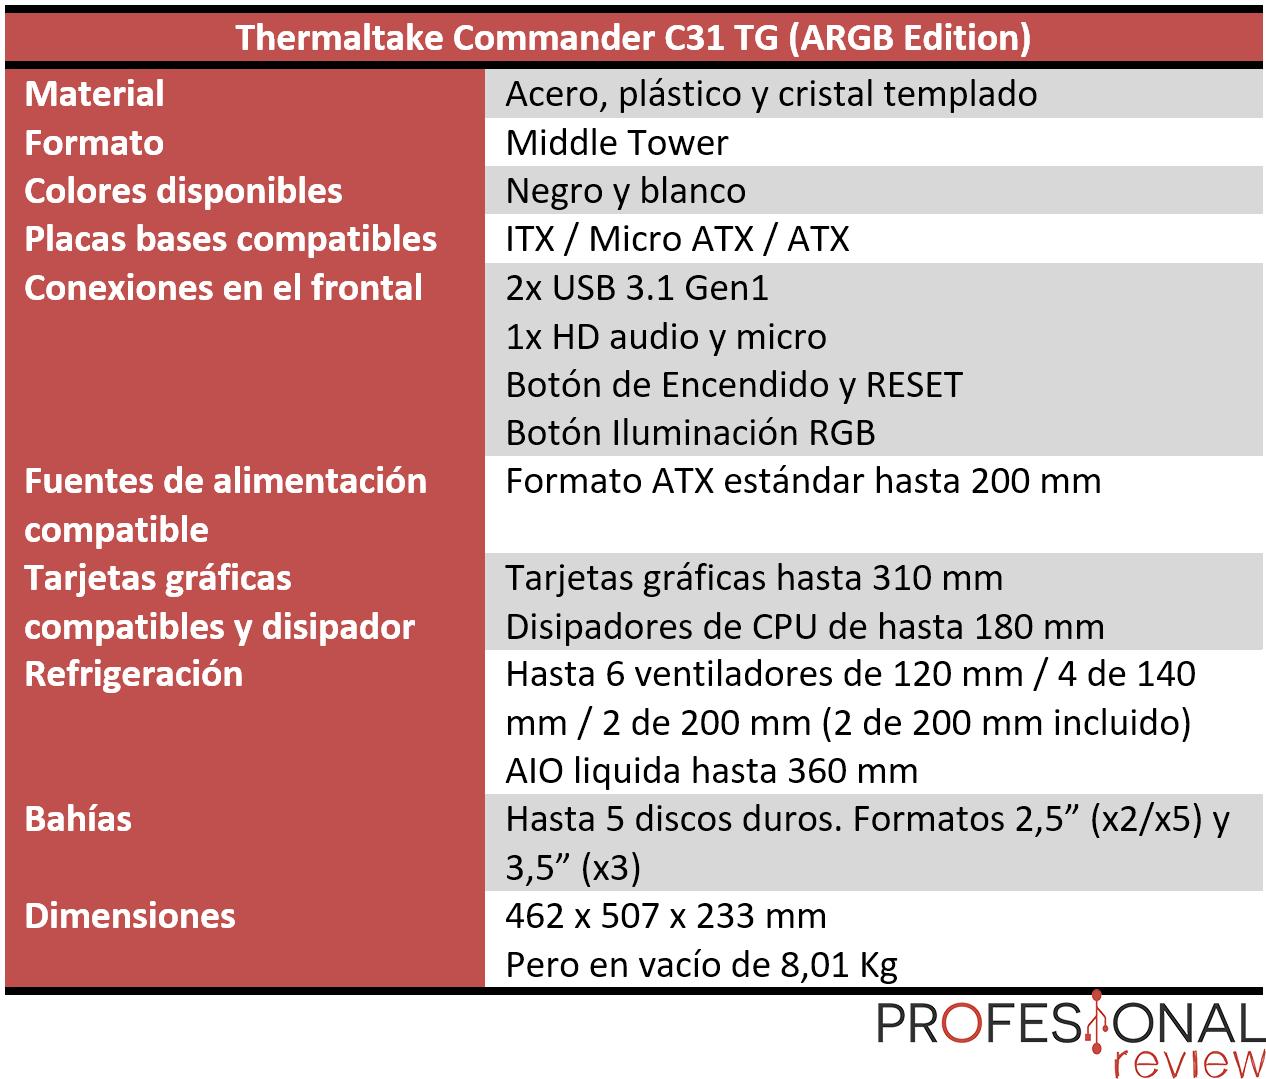 Thermaltake Commander C31 TG características